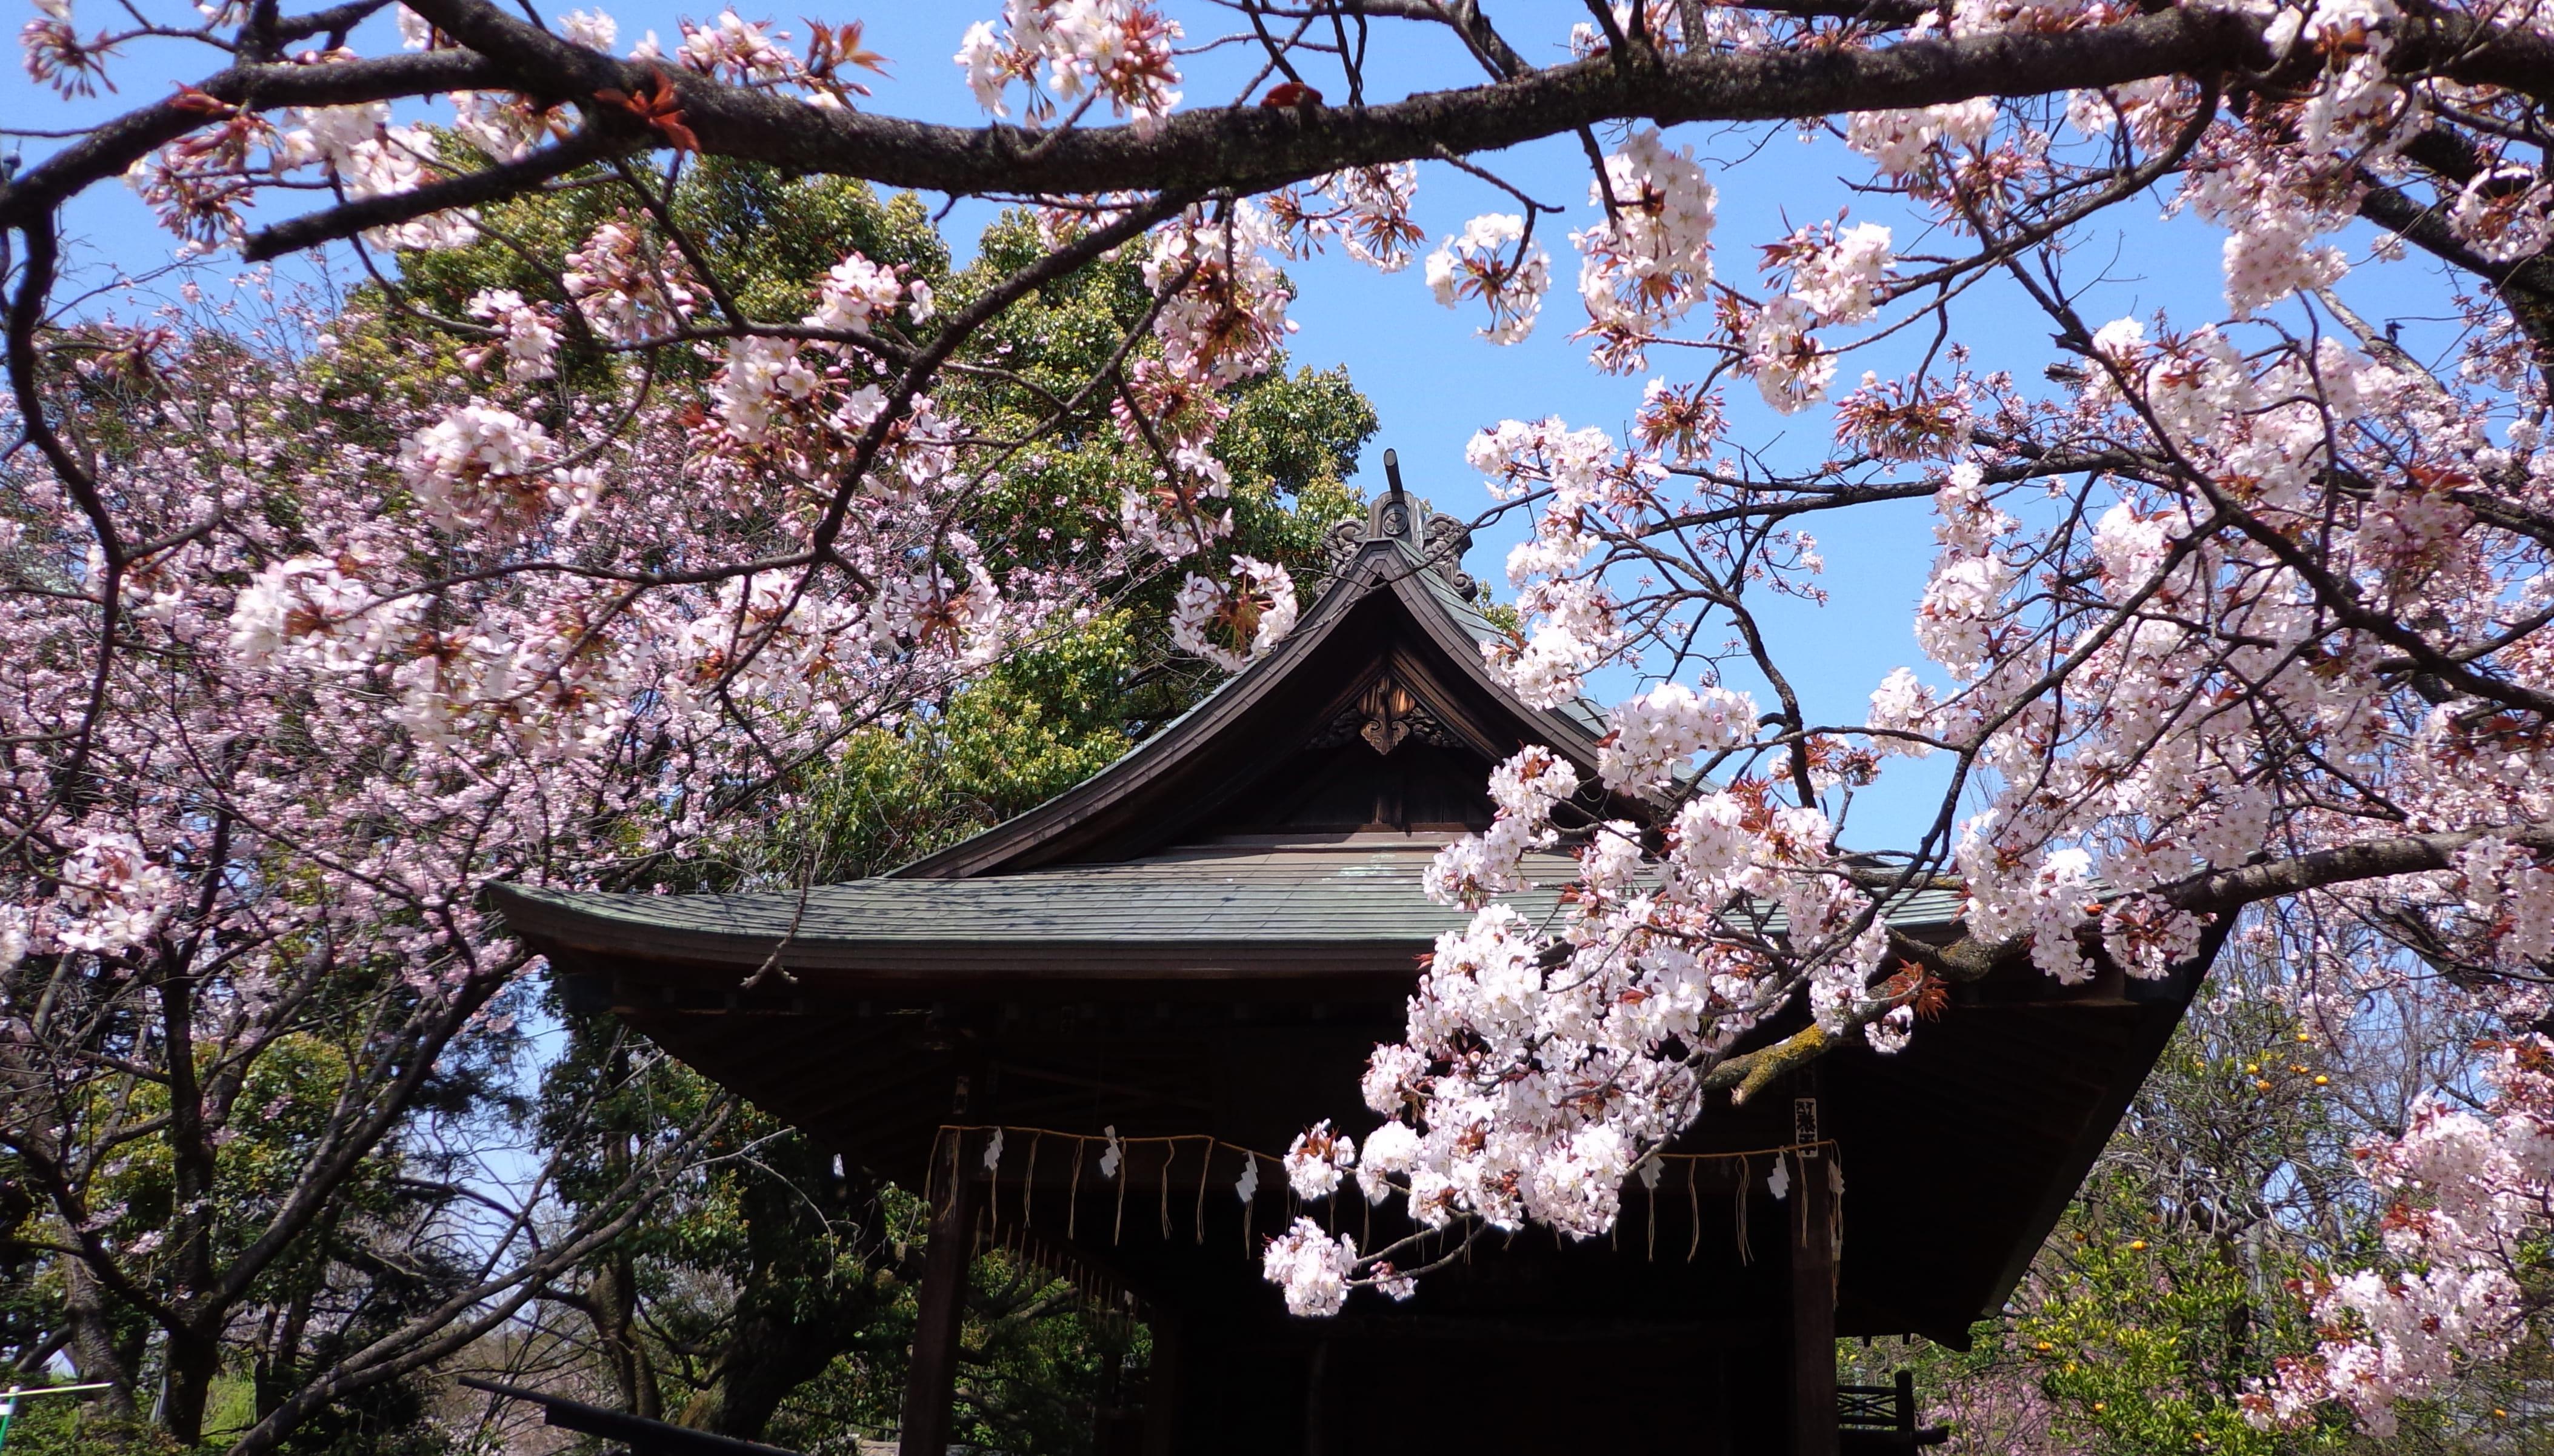 sakura-in-bloom-20